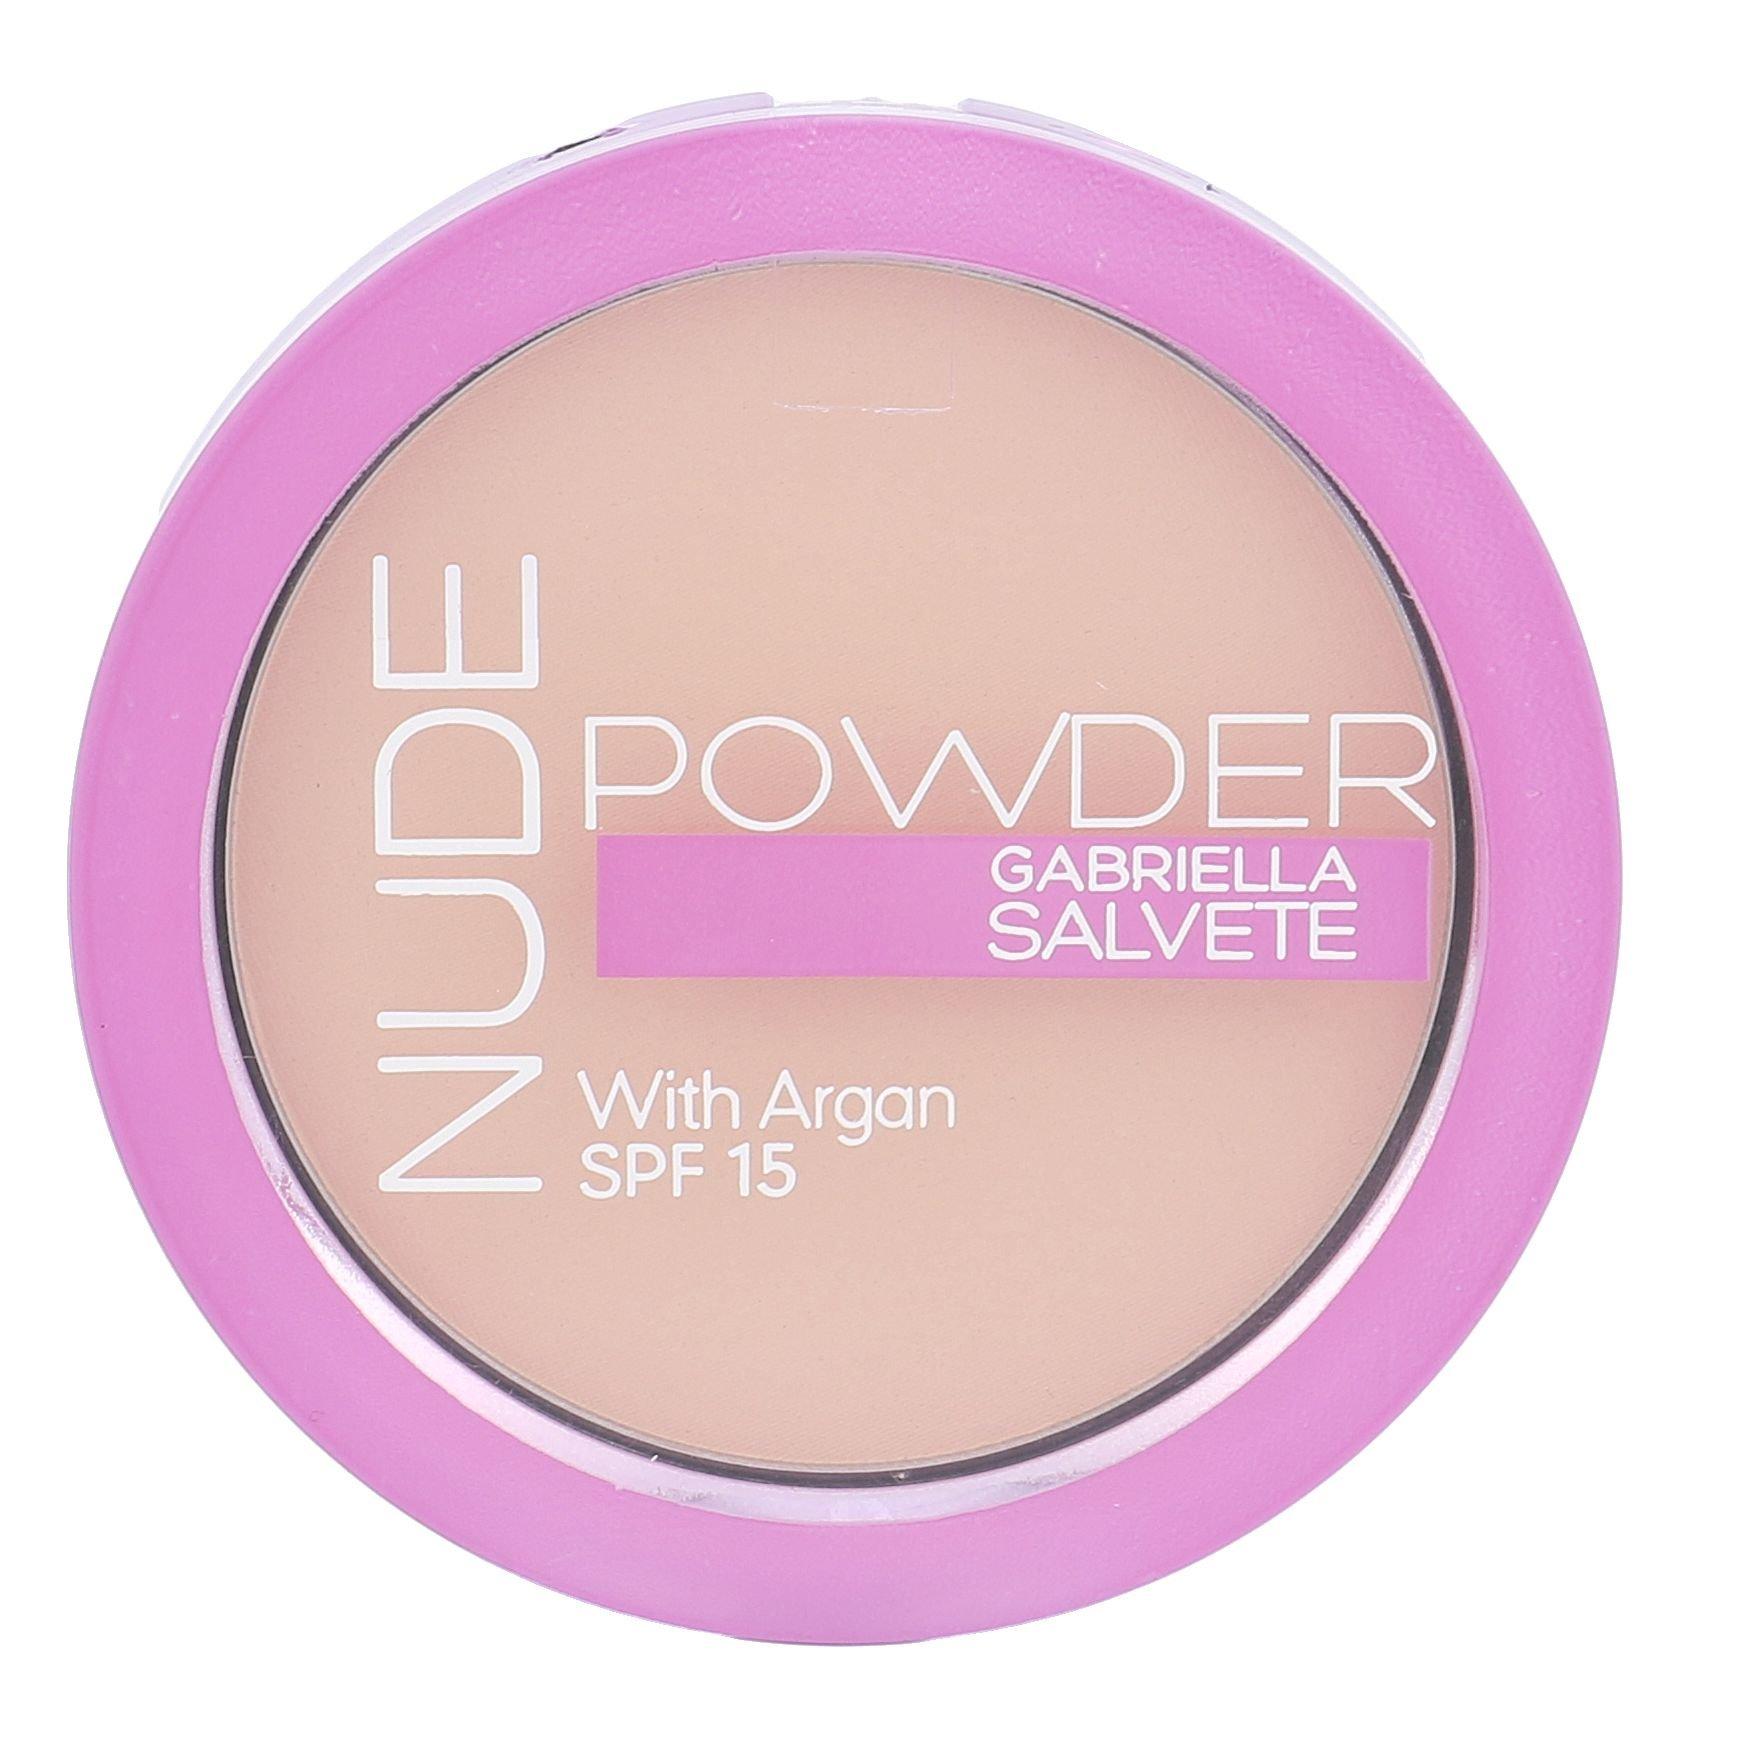 Gabriella Salvete Nude Powder SPF15 Cosmetic 8g 03 Nude Sand